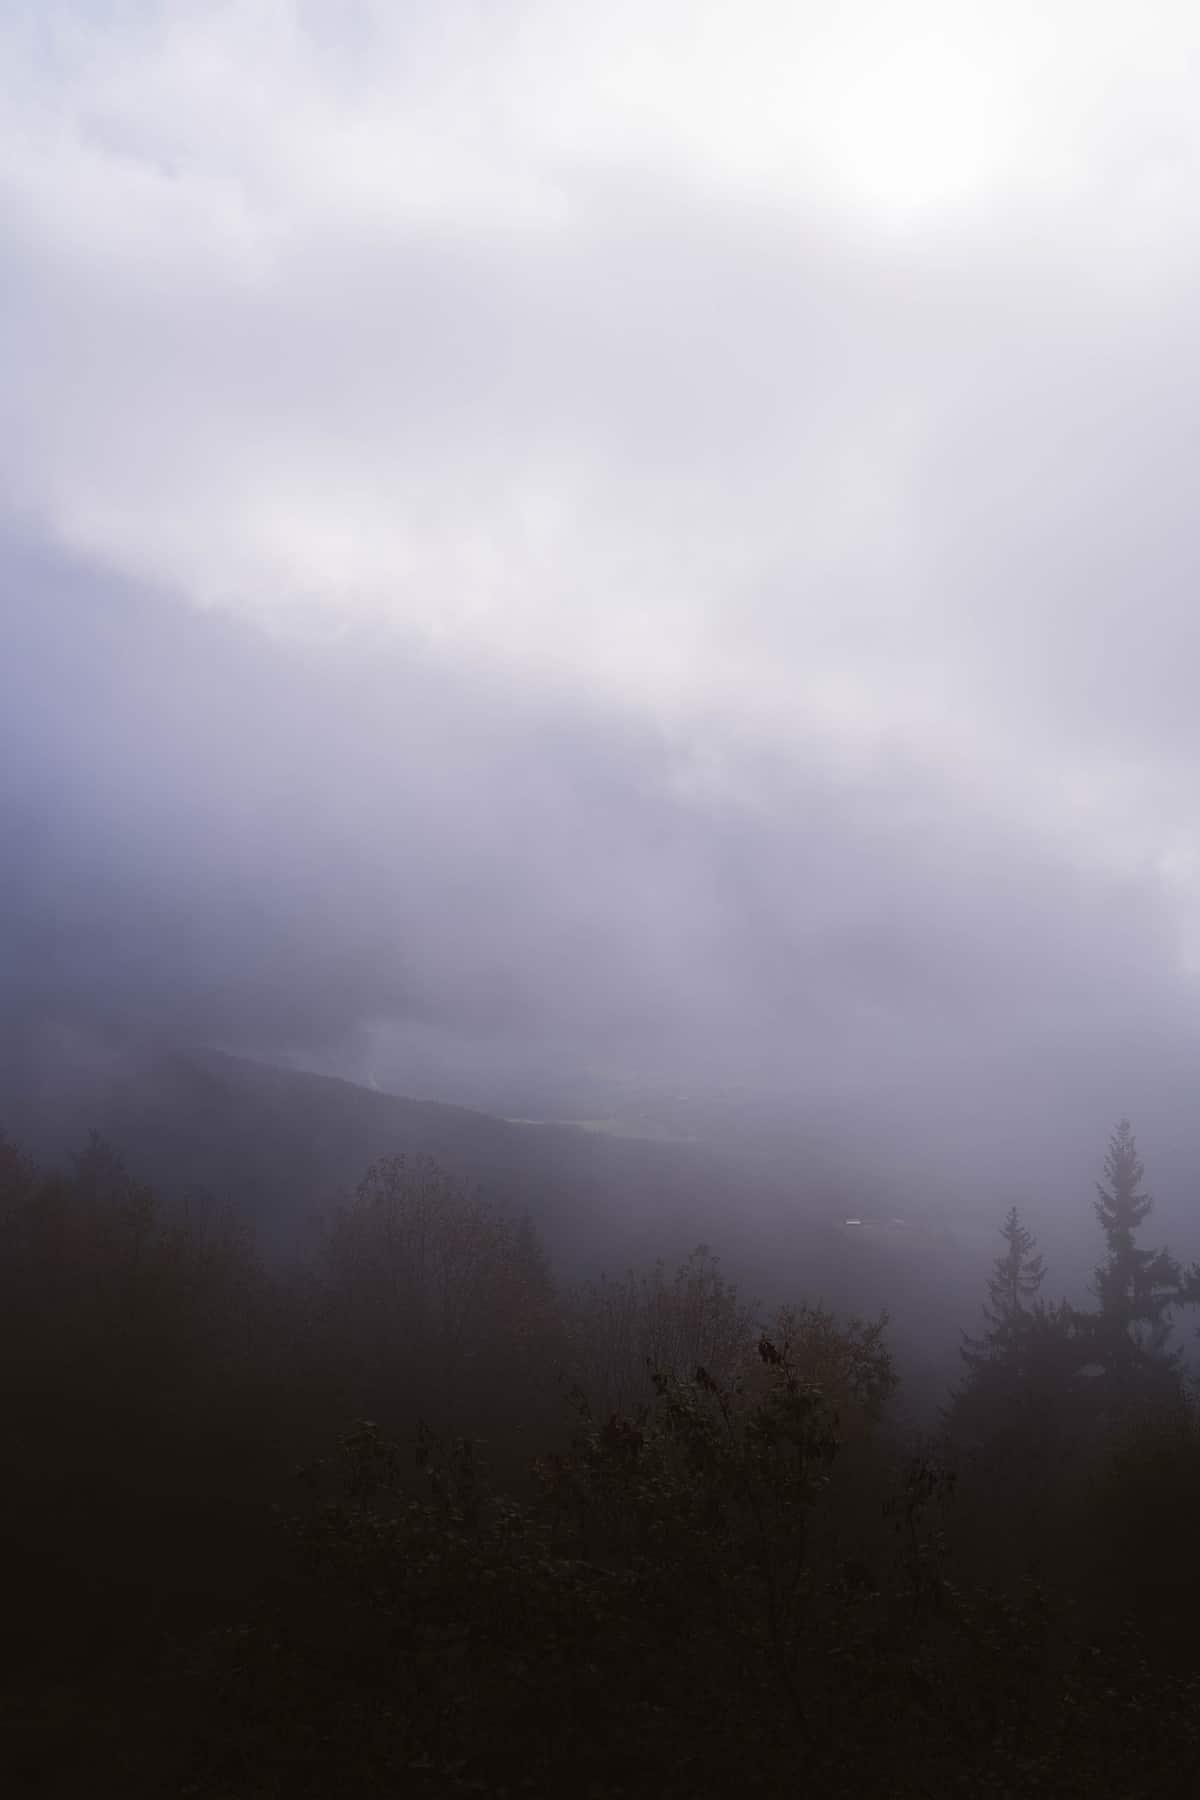 kaitersberg-koetztinger-huette-ausblick-nebel